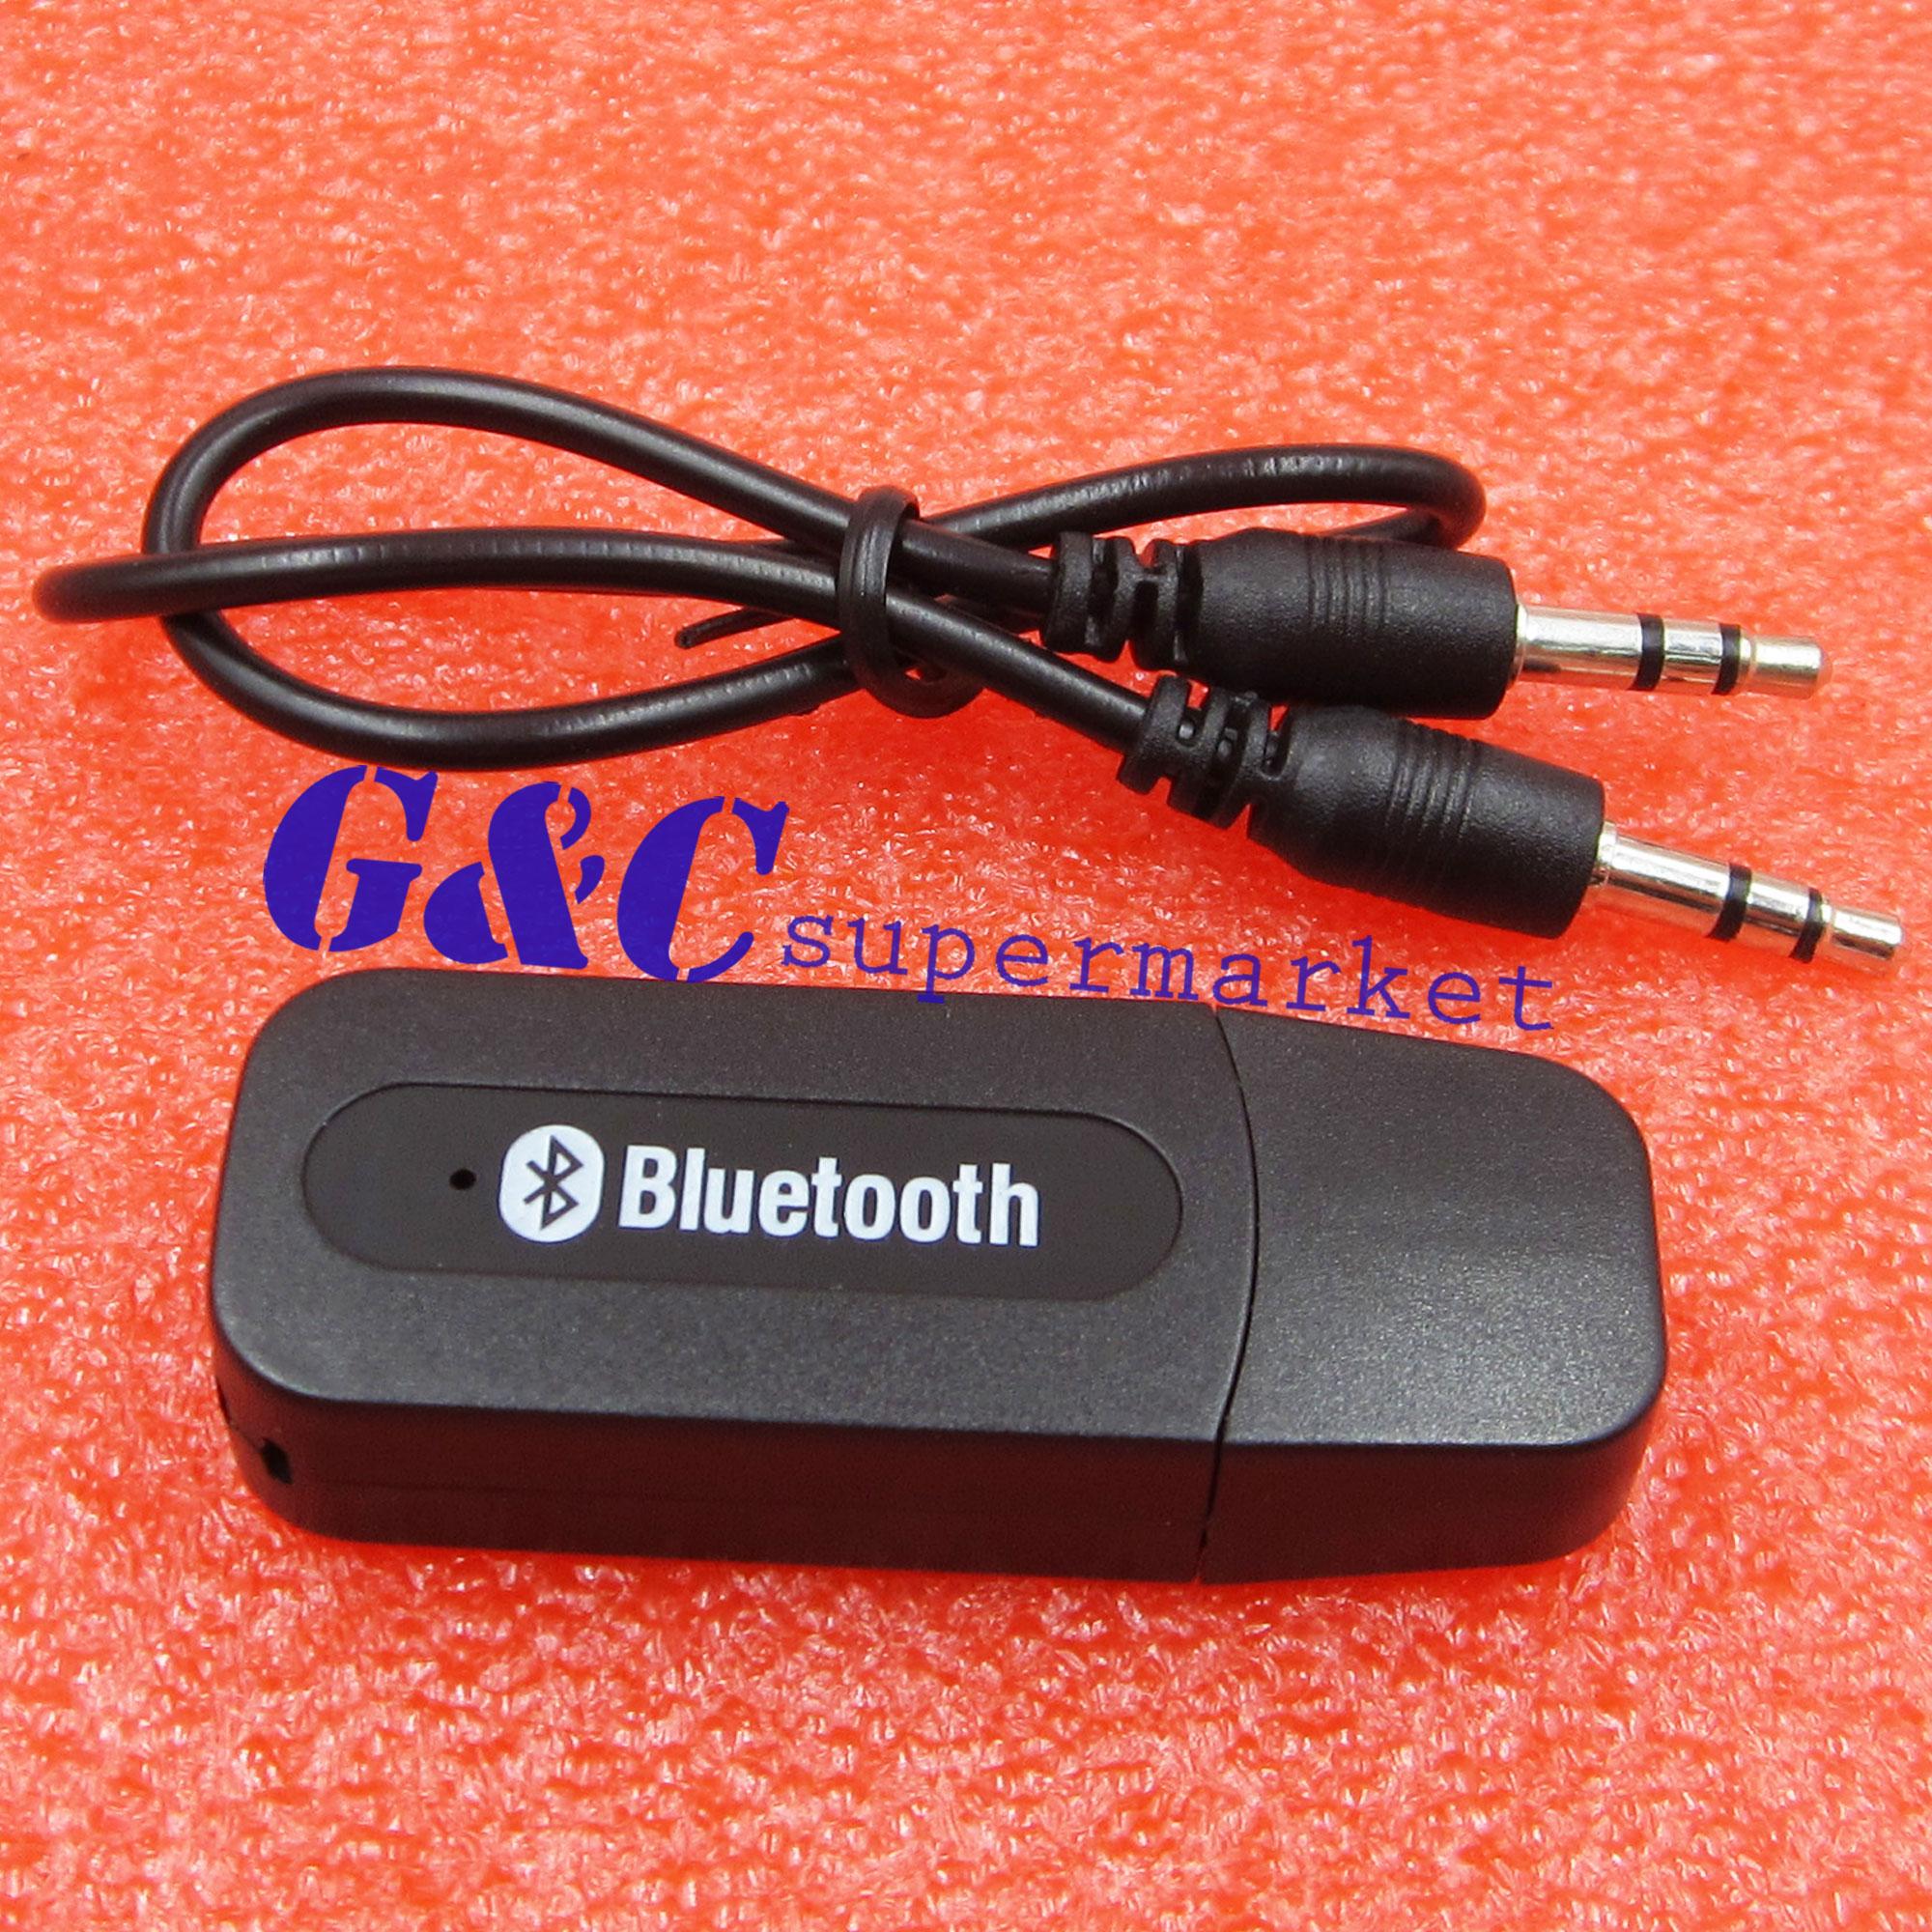 Bluetooth inalámbrico Adaptador de 3.5mm AUX Audio Estéreo Receptor de Música In